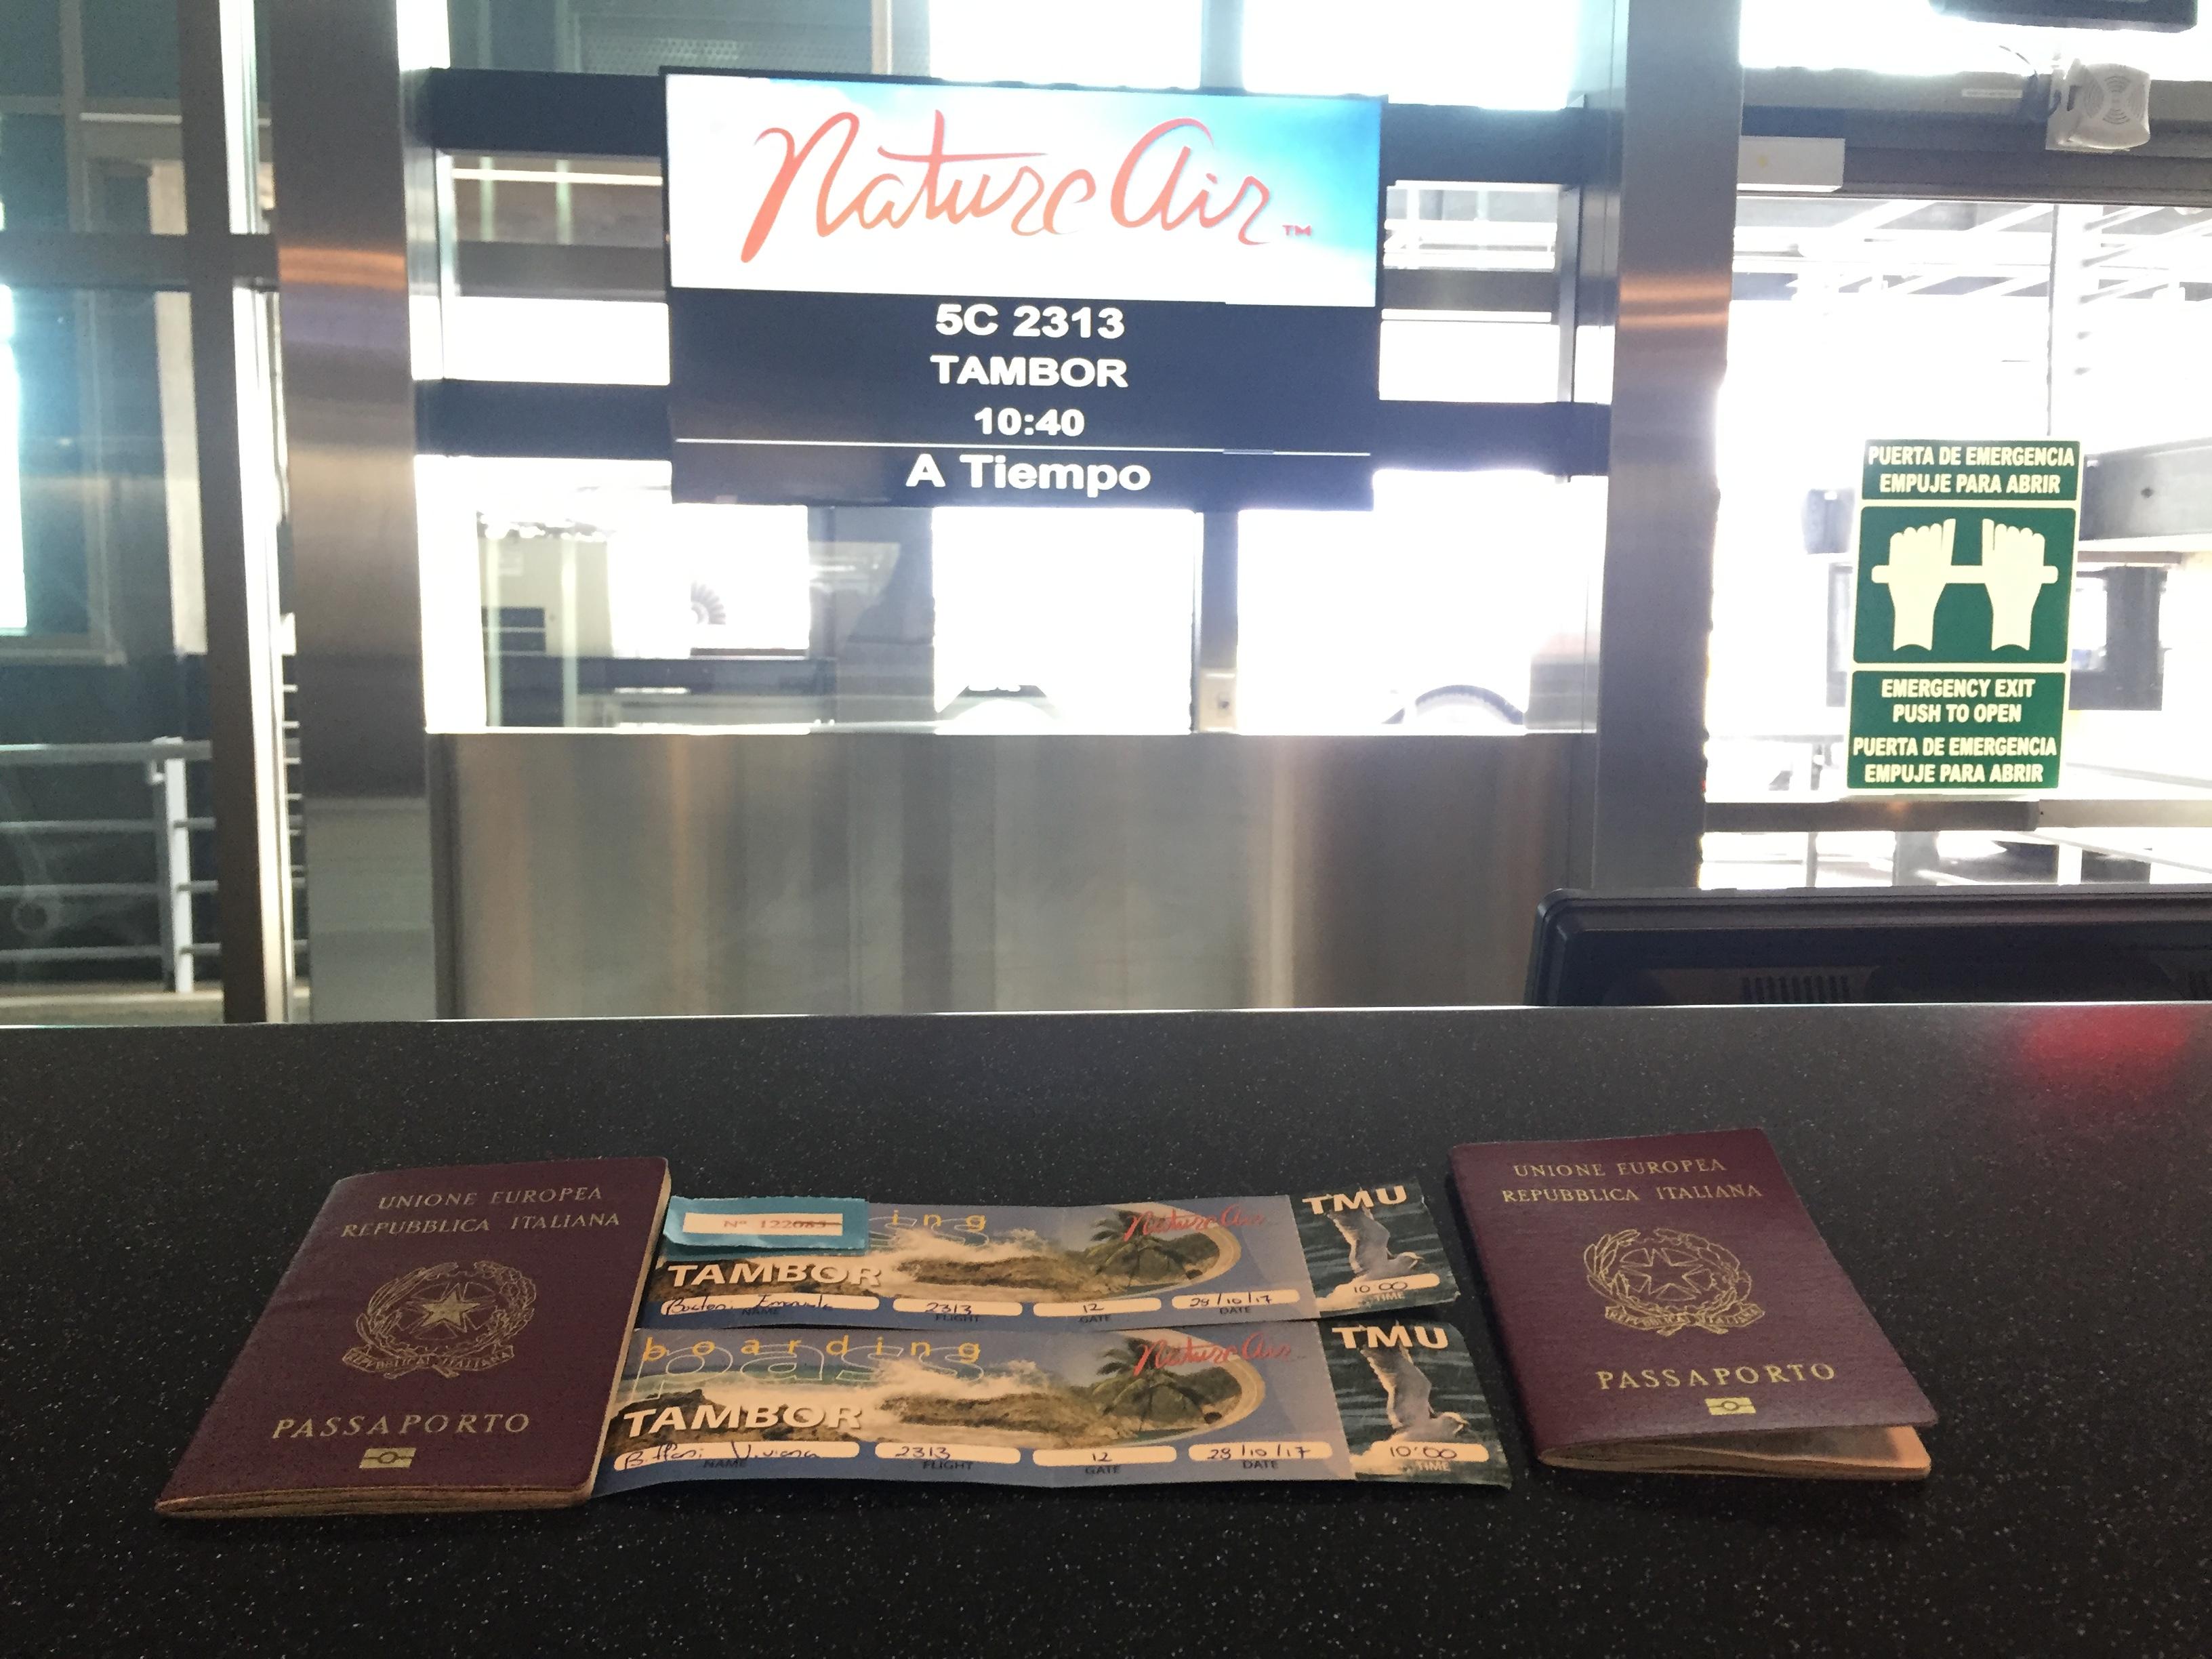 Aeroporto Viaggio Aereo Costa Rica